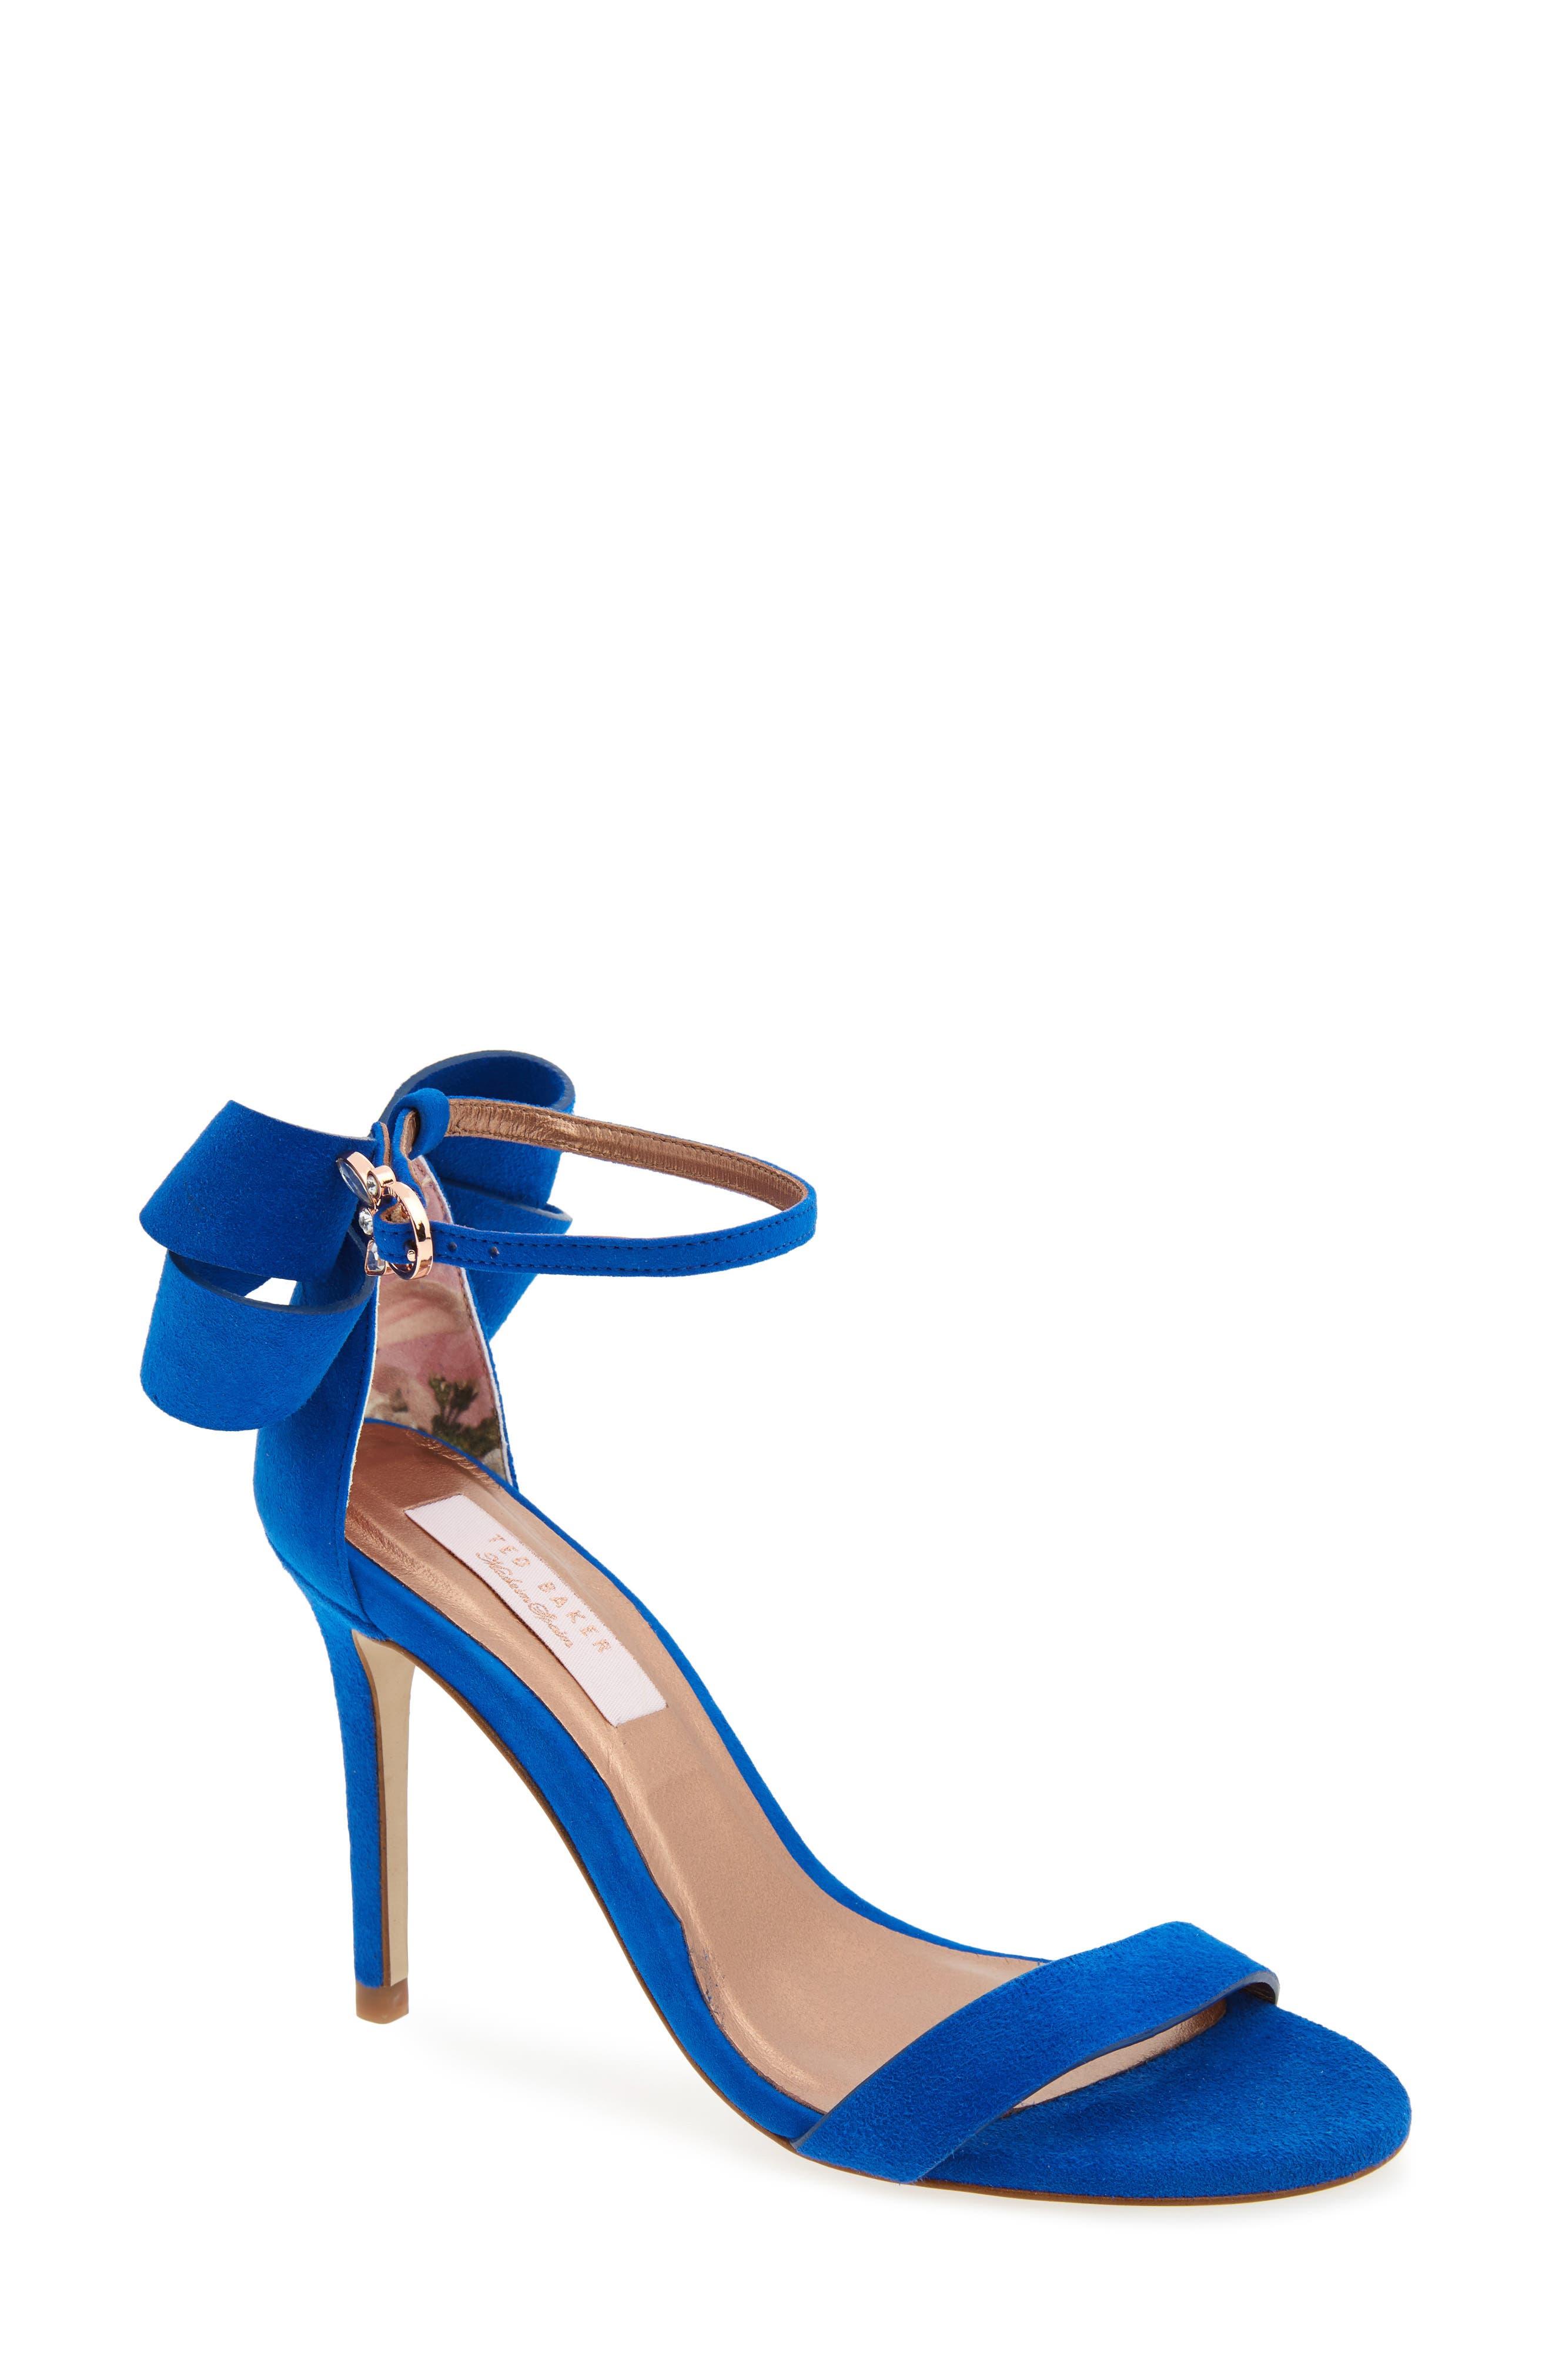 Sandas Sandal,                             Main thumbnail 1, color,                             Blue Suede